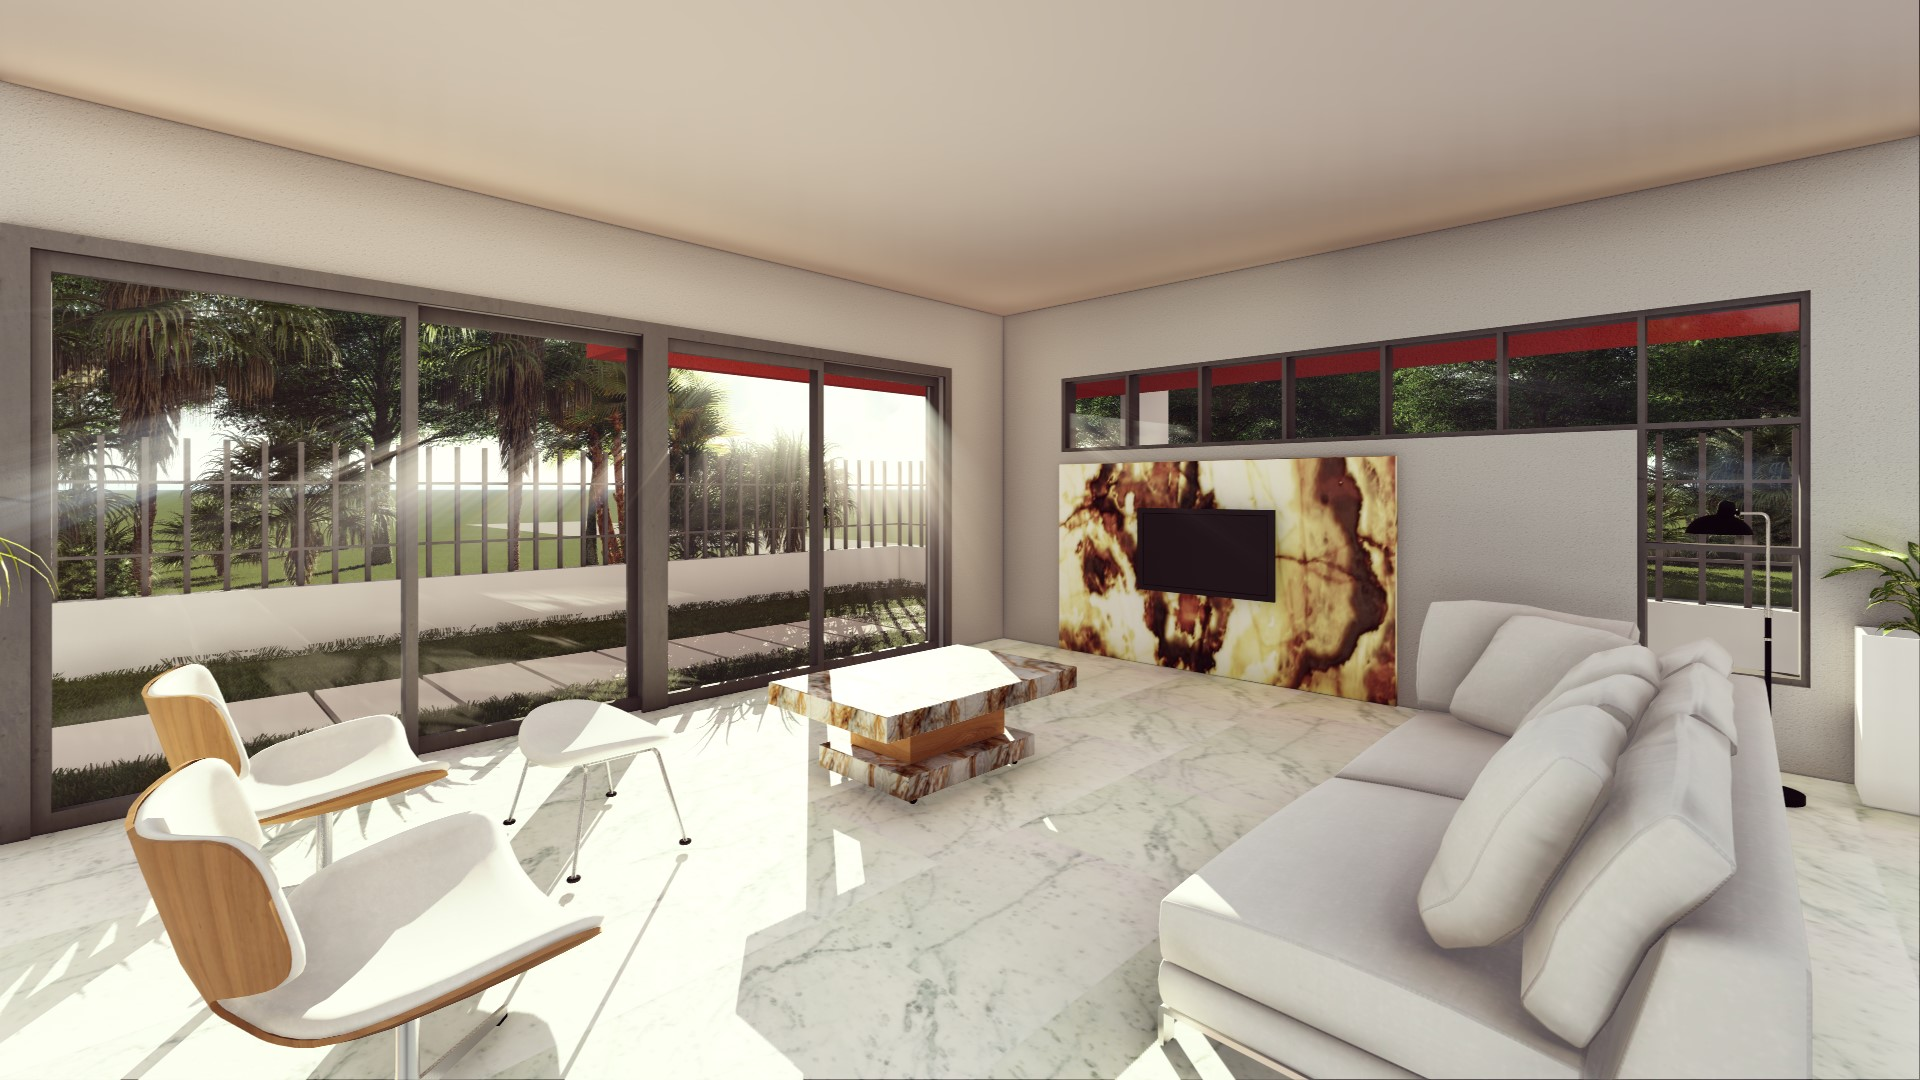 Bianco Carrara living